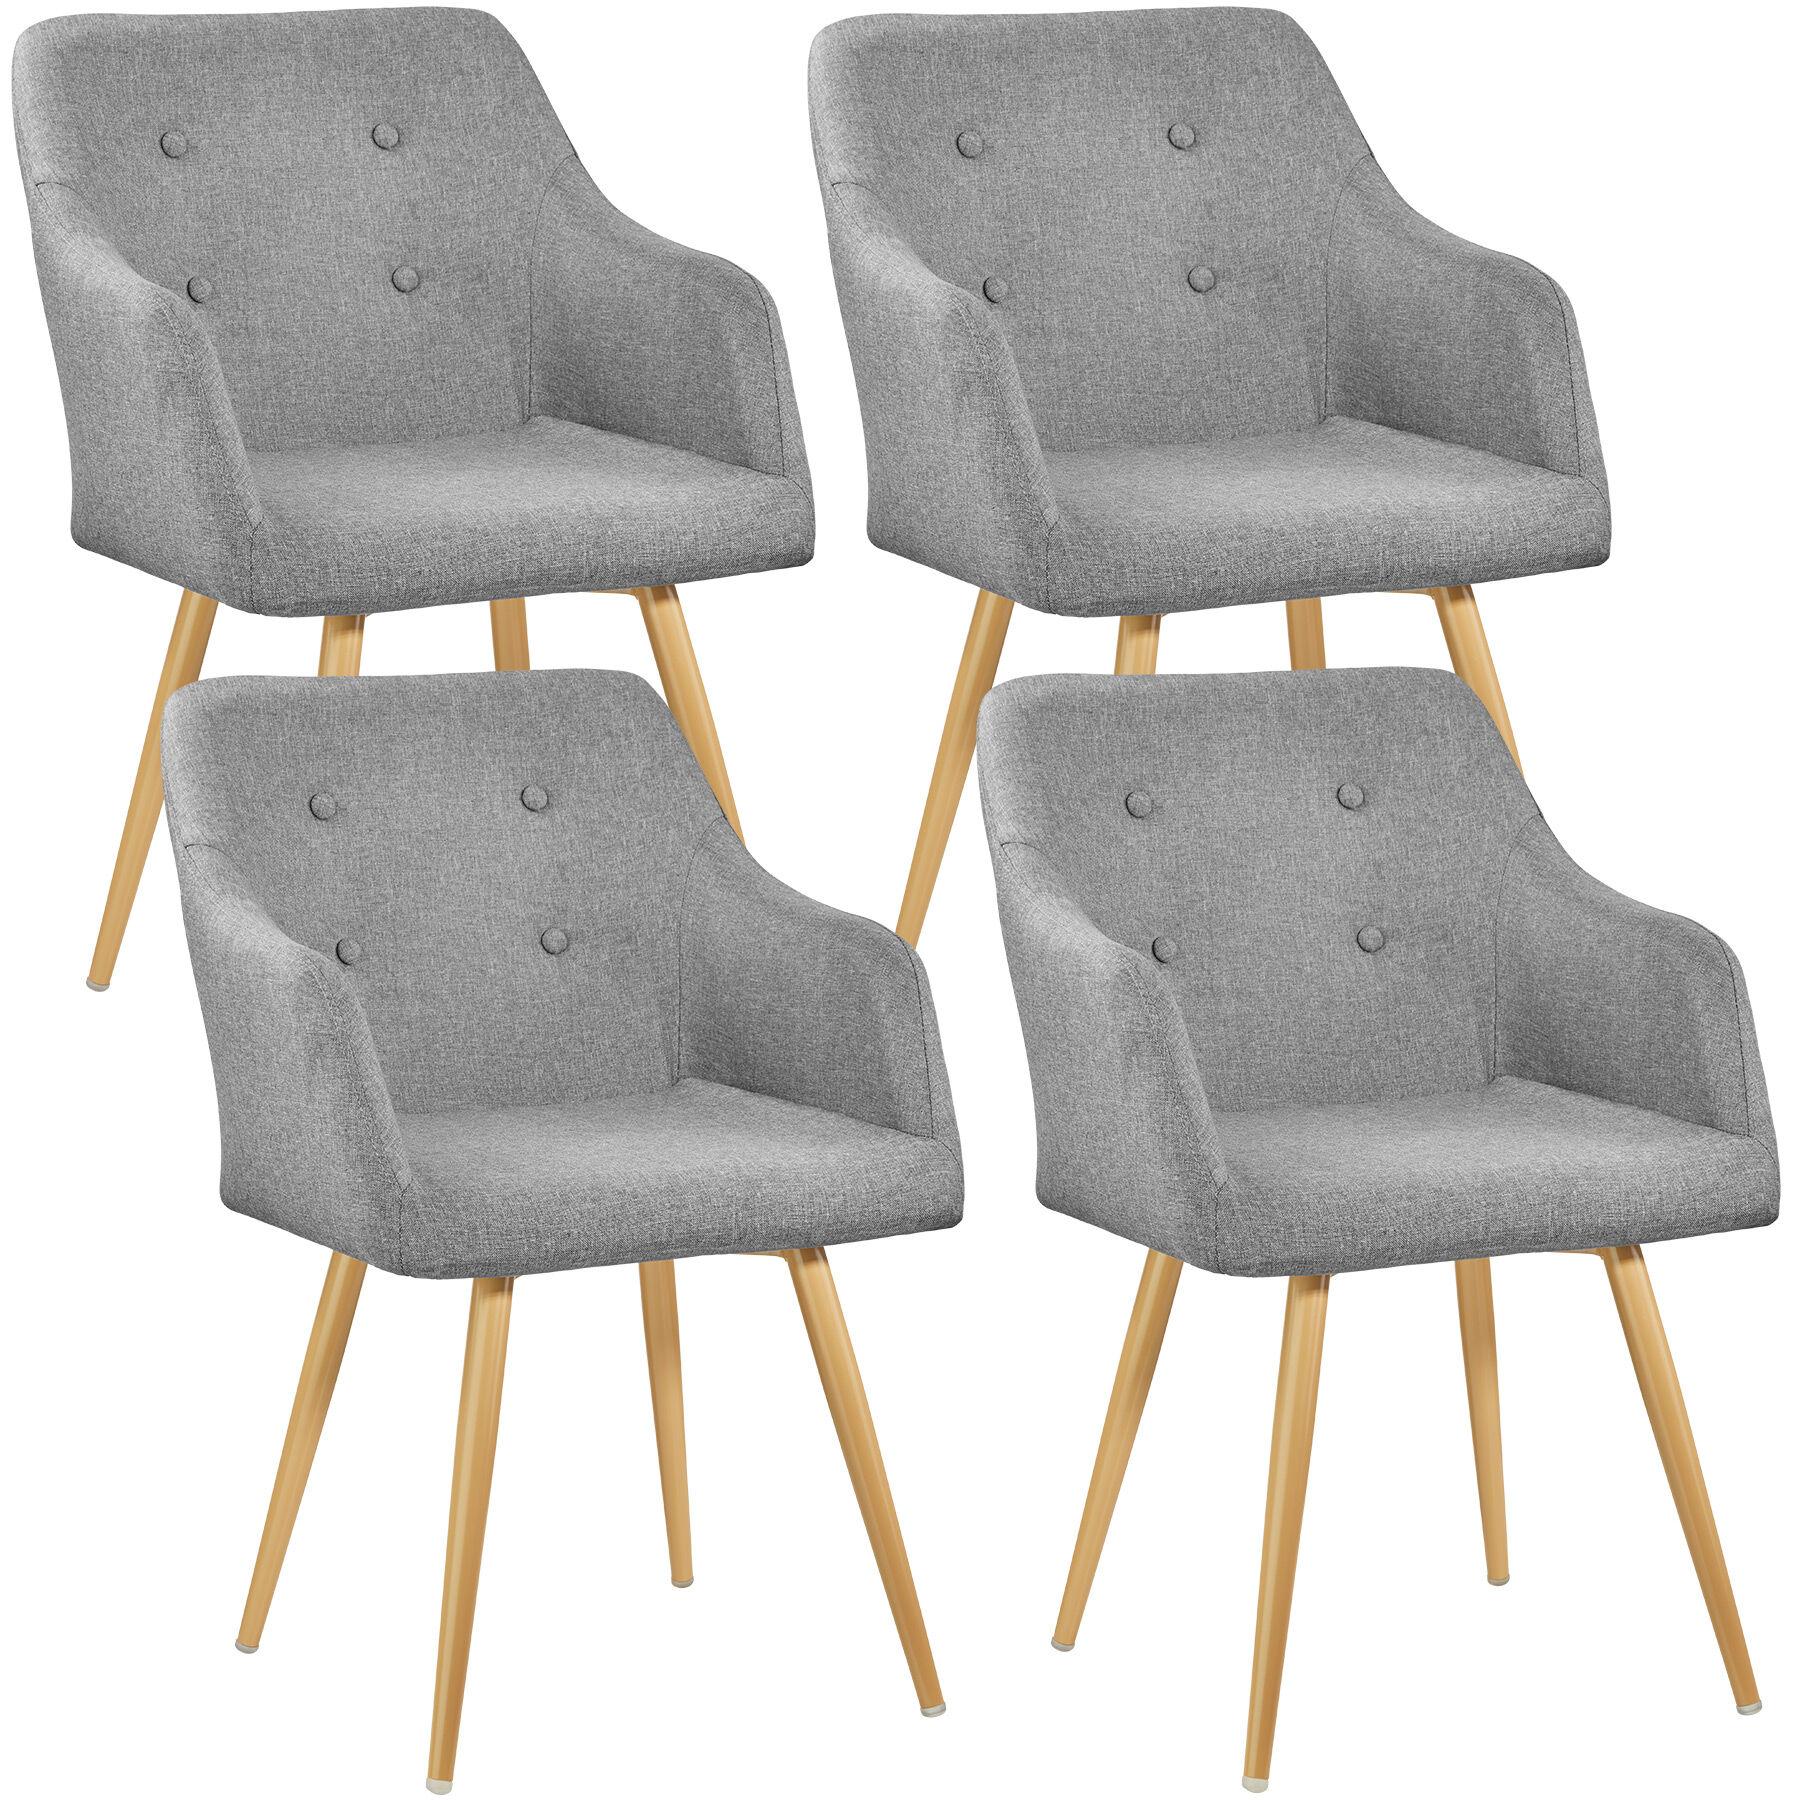 tectake 4 Chairs Tanja - grey